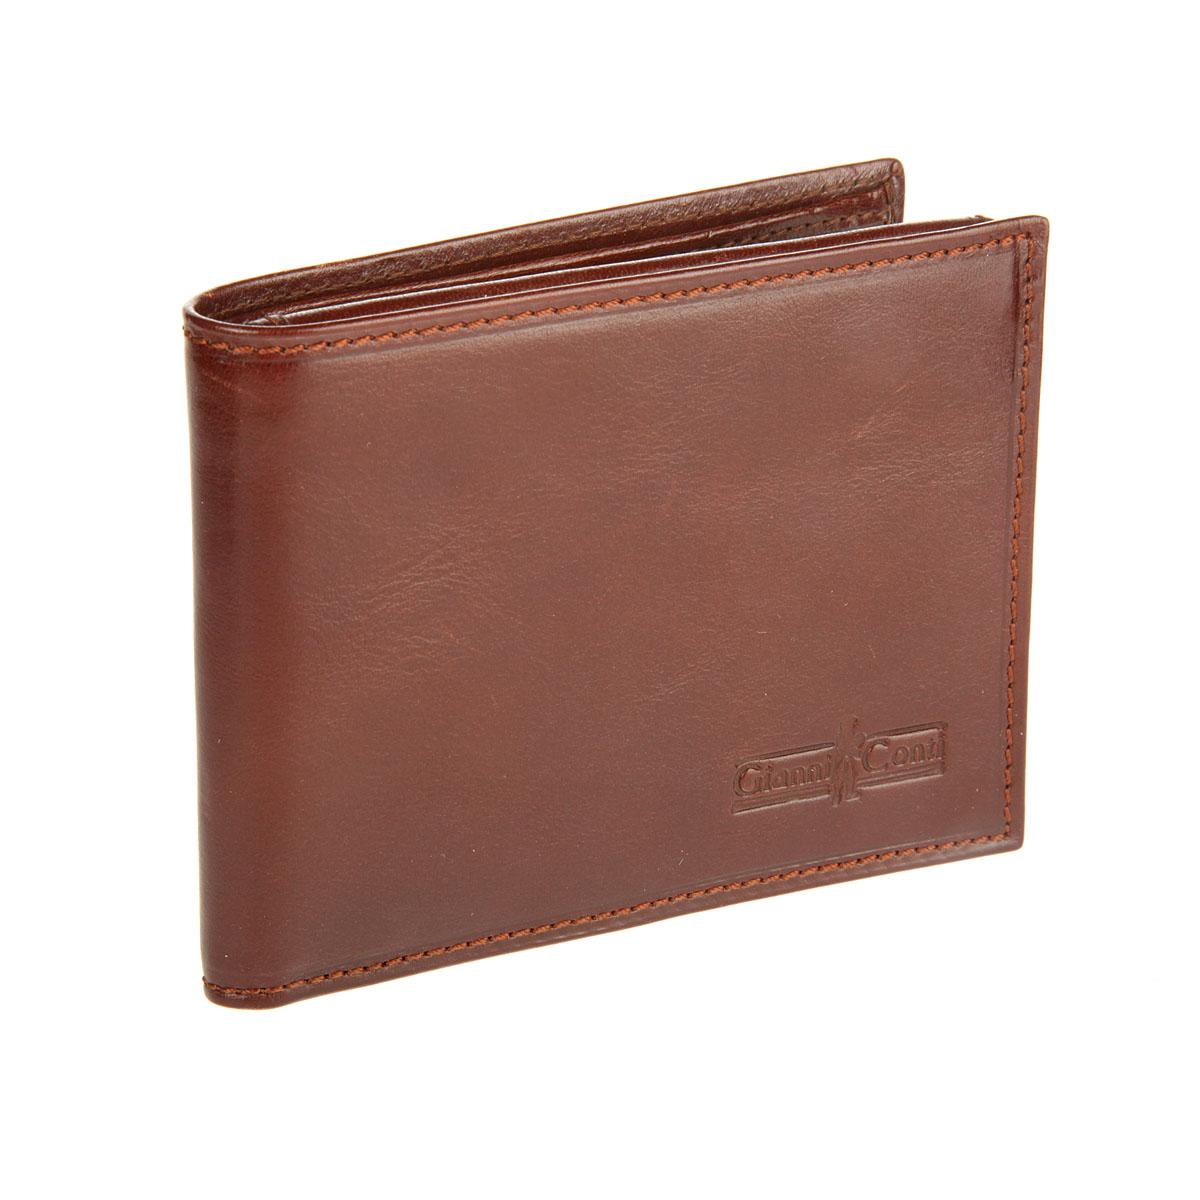 Портмоне мужское Gianni Conti, цвет: коричневый. 907022BM8434-58AEСтильное мужское портмоне Gianni Conti выполнено из натуральной кожи. Лицевая сторона оформлена тиснением в виде названия бренда производителя.Изделие раскладывается пополам. Внутри имеется два отделения для купюр, четыре потайных кармана, карман для мелочи на кнопке, три кармашка для визиток и пластиковых карт, два сетчатых кармана и карман для документов. Портмоне упаковано в фирменную картонную коробку. Оригинальное портмоне подчеркнет вашу индивидуальность и изысканный вкус, а также станет замечательным подарком человеку, ценящему качественные и практичные вещи.